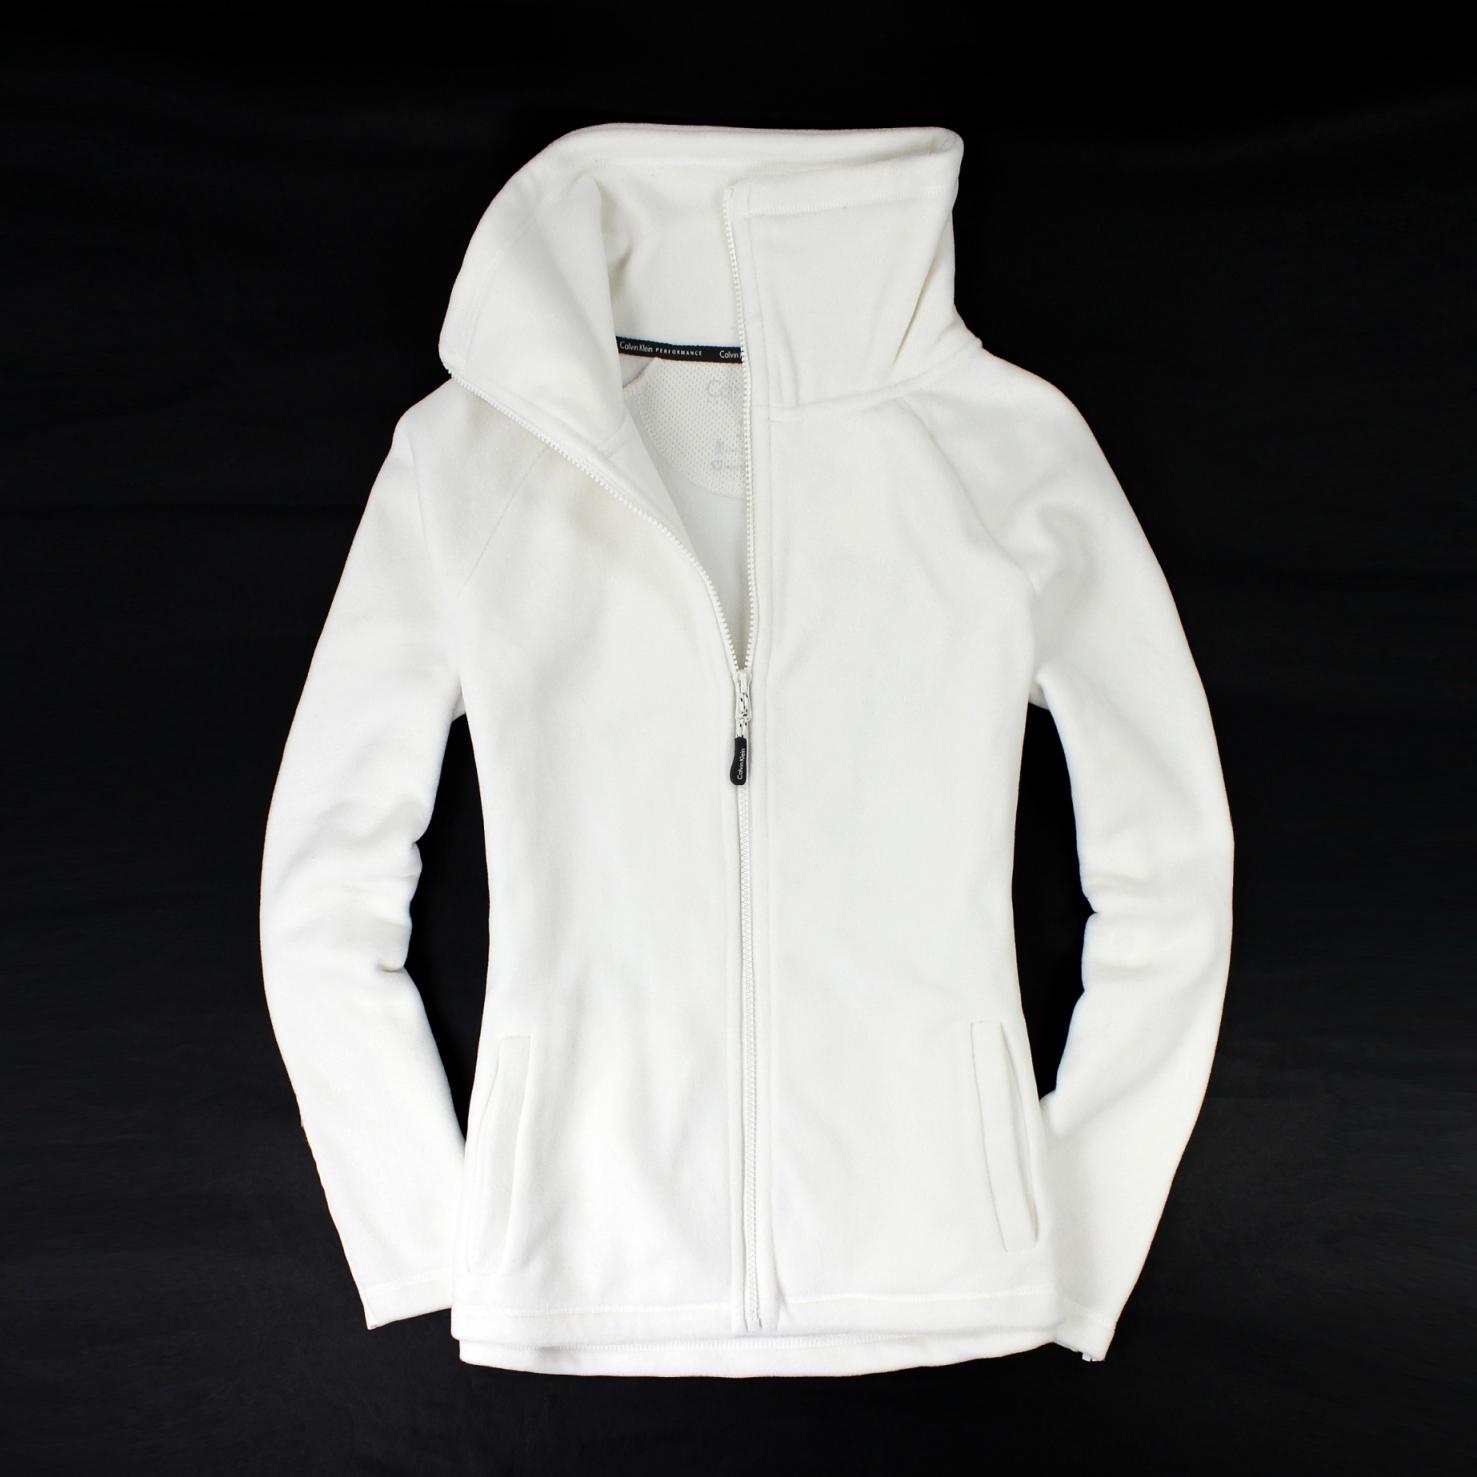 美國百分百【全新真品】Calvin Klein 外套 CK 刷毛外套 夾克 立領 素面 白 Logo MP3 輕巧 女 S號 B529